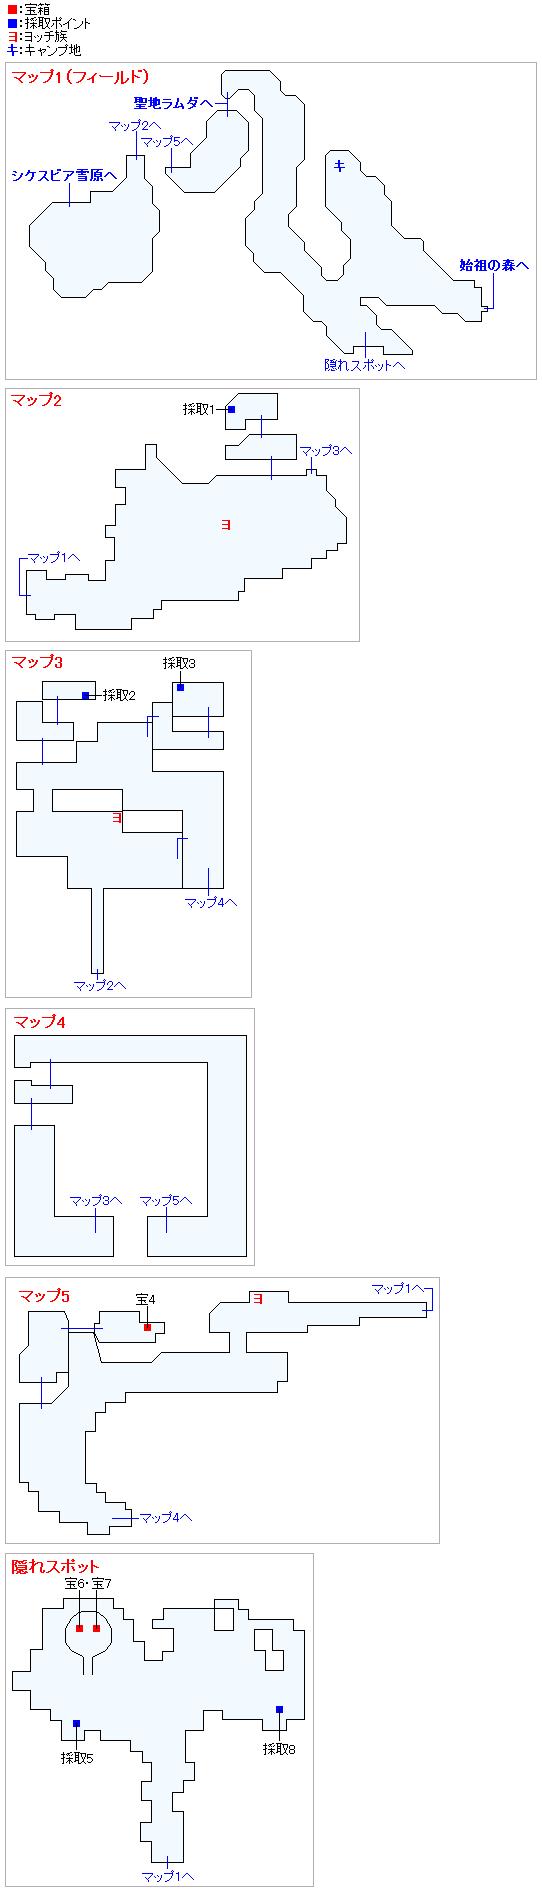 ゼーランダ山(Swith2Dと3DS2D)のマップ画像